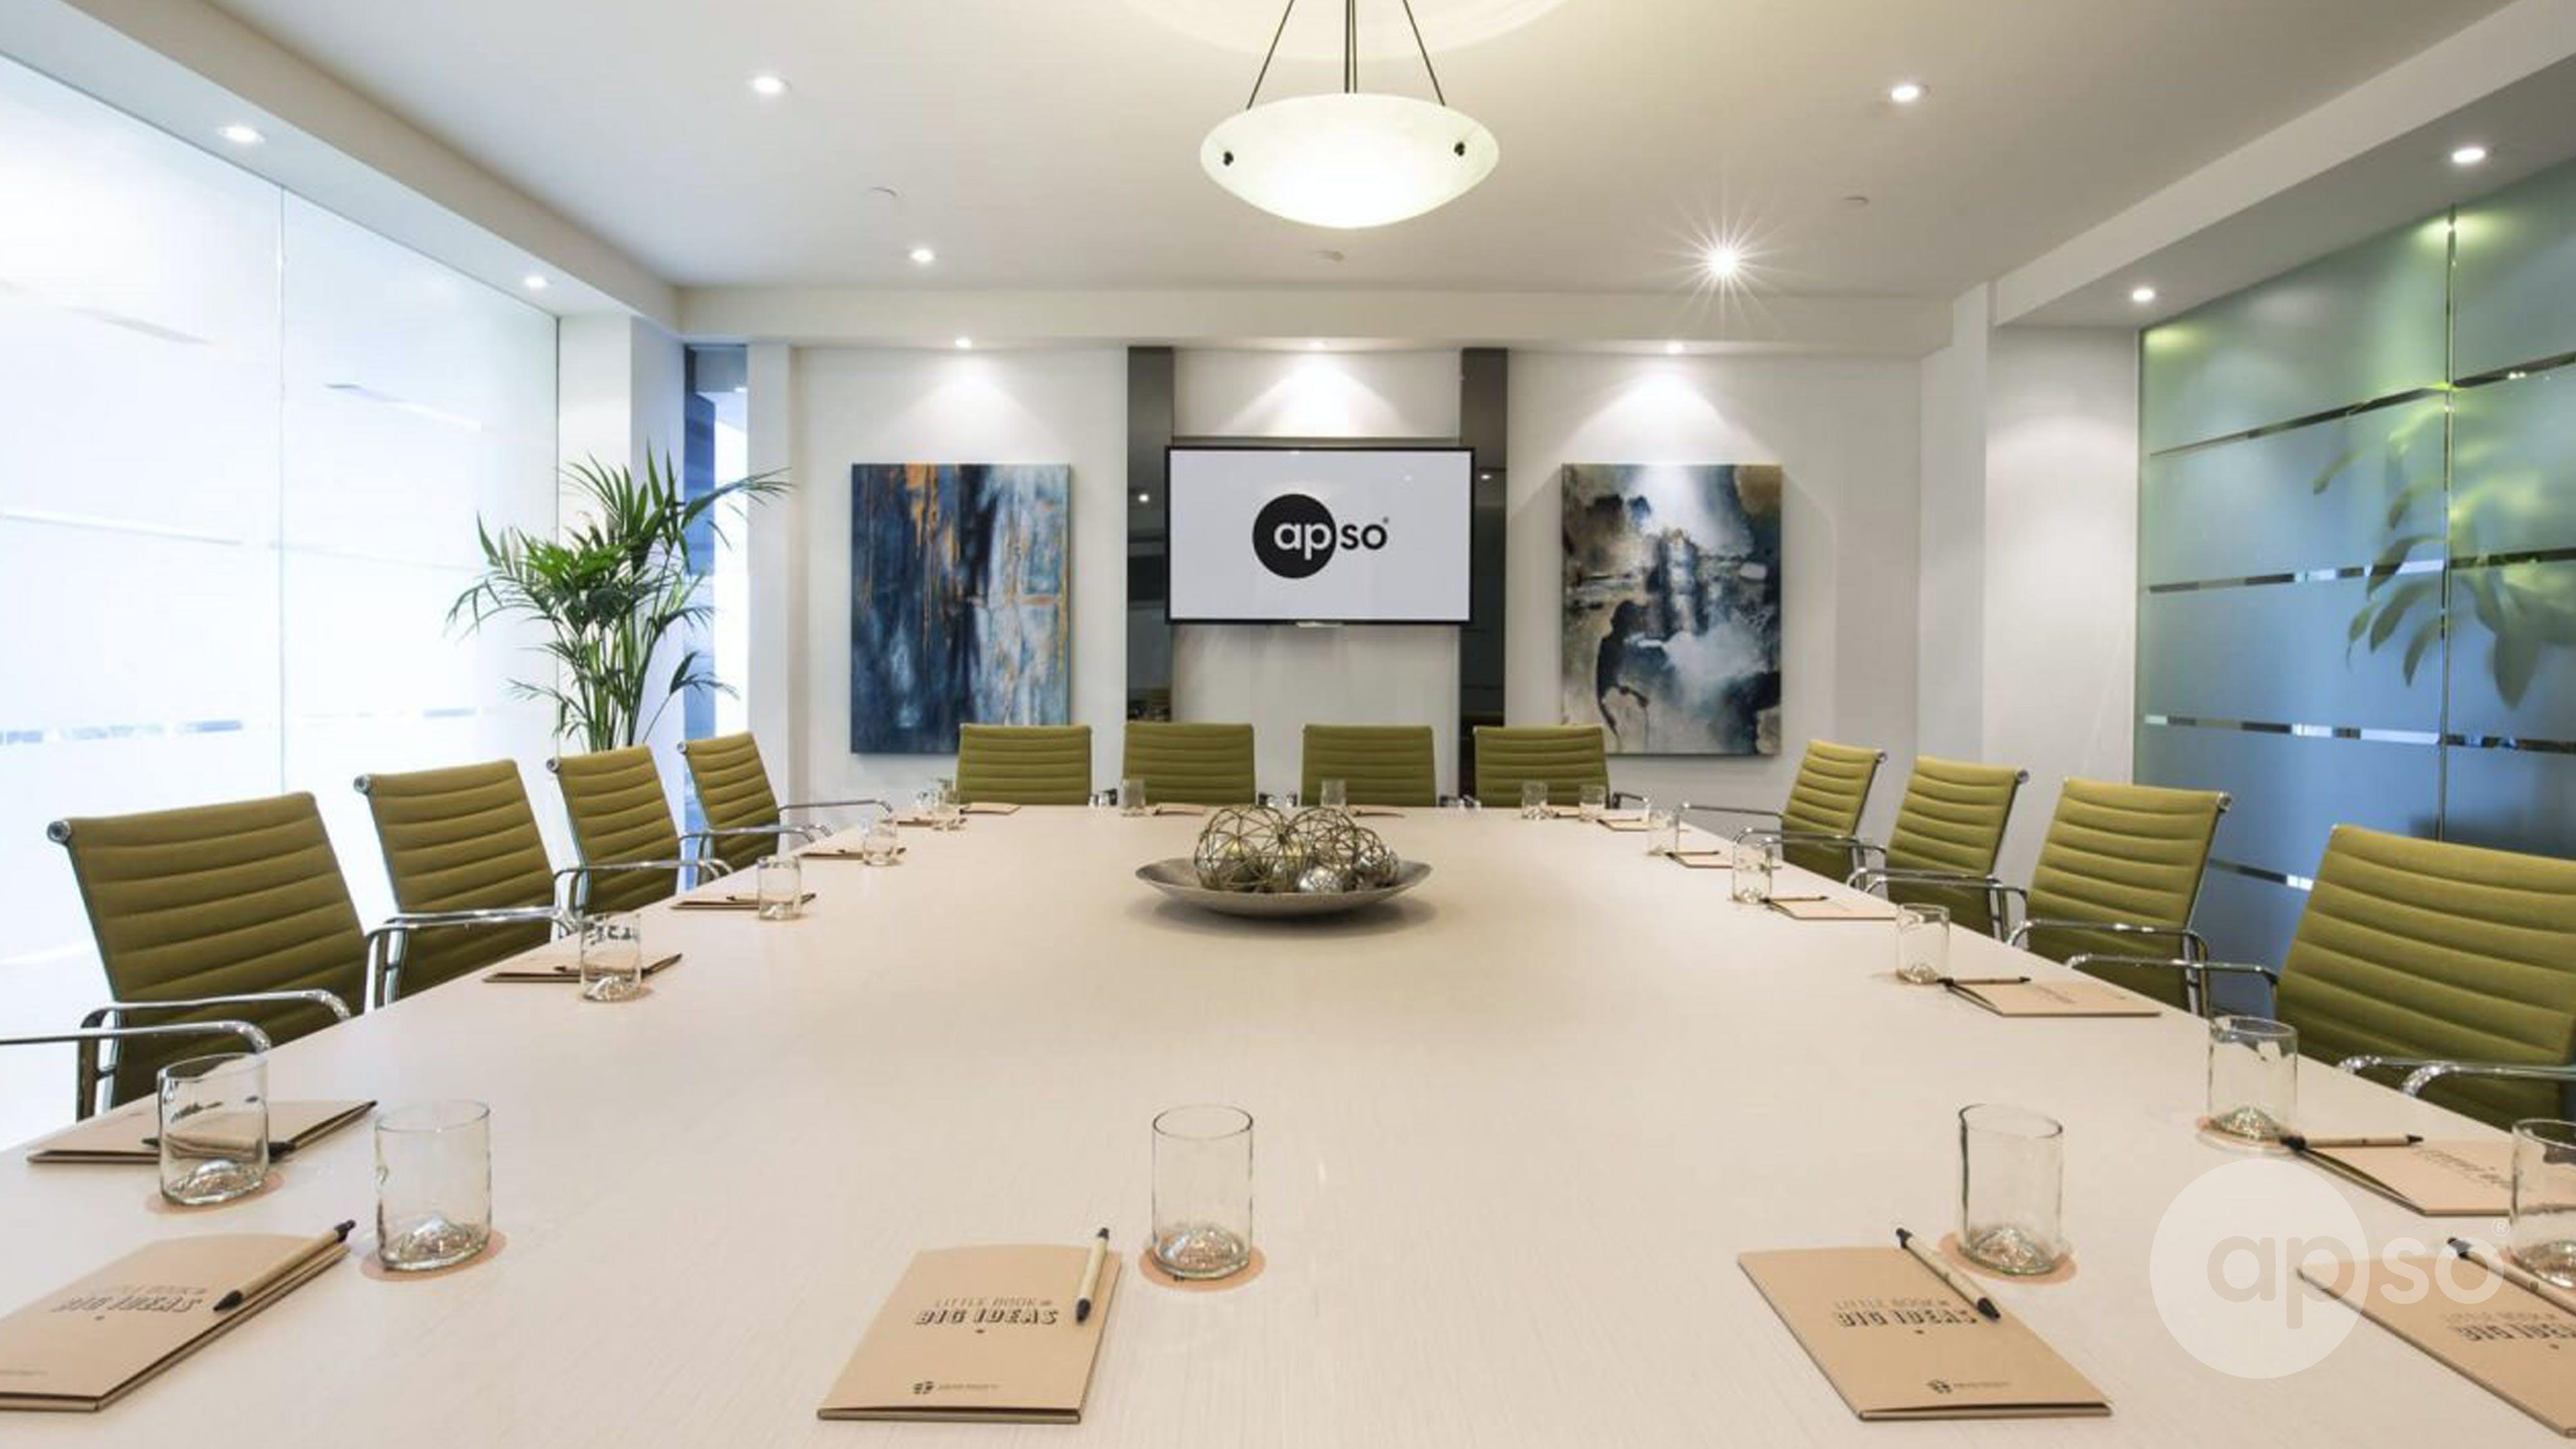 Portsea Boardroom, meeting room at St Kilda Rd Towers, image 1